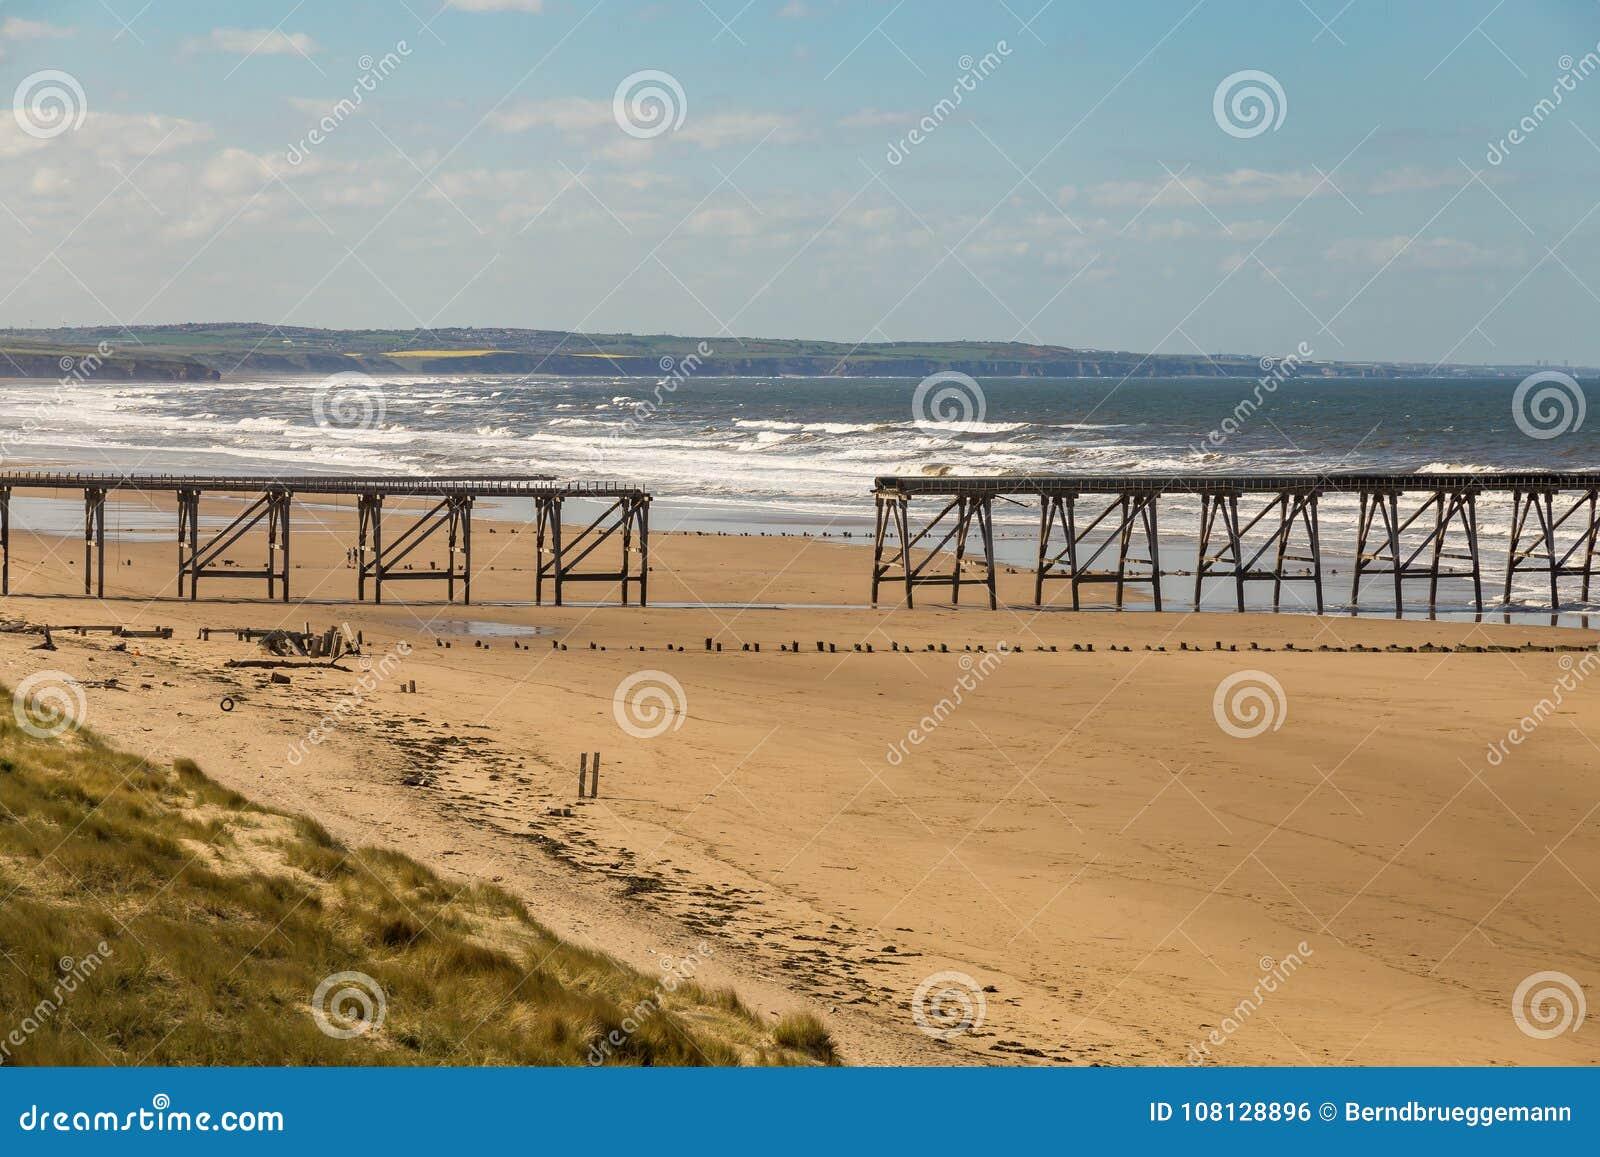 Praia norte das areias, Hartlepool, Reino Unido